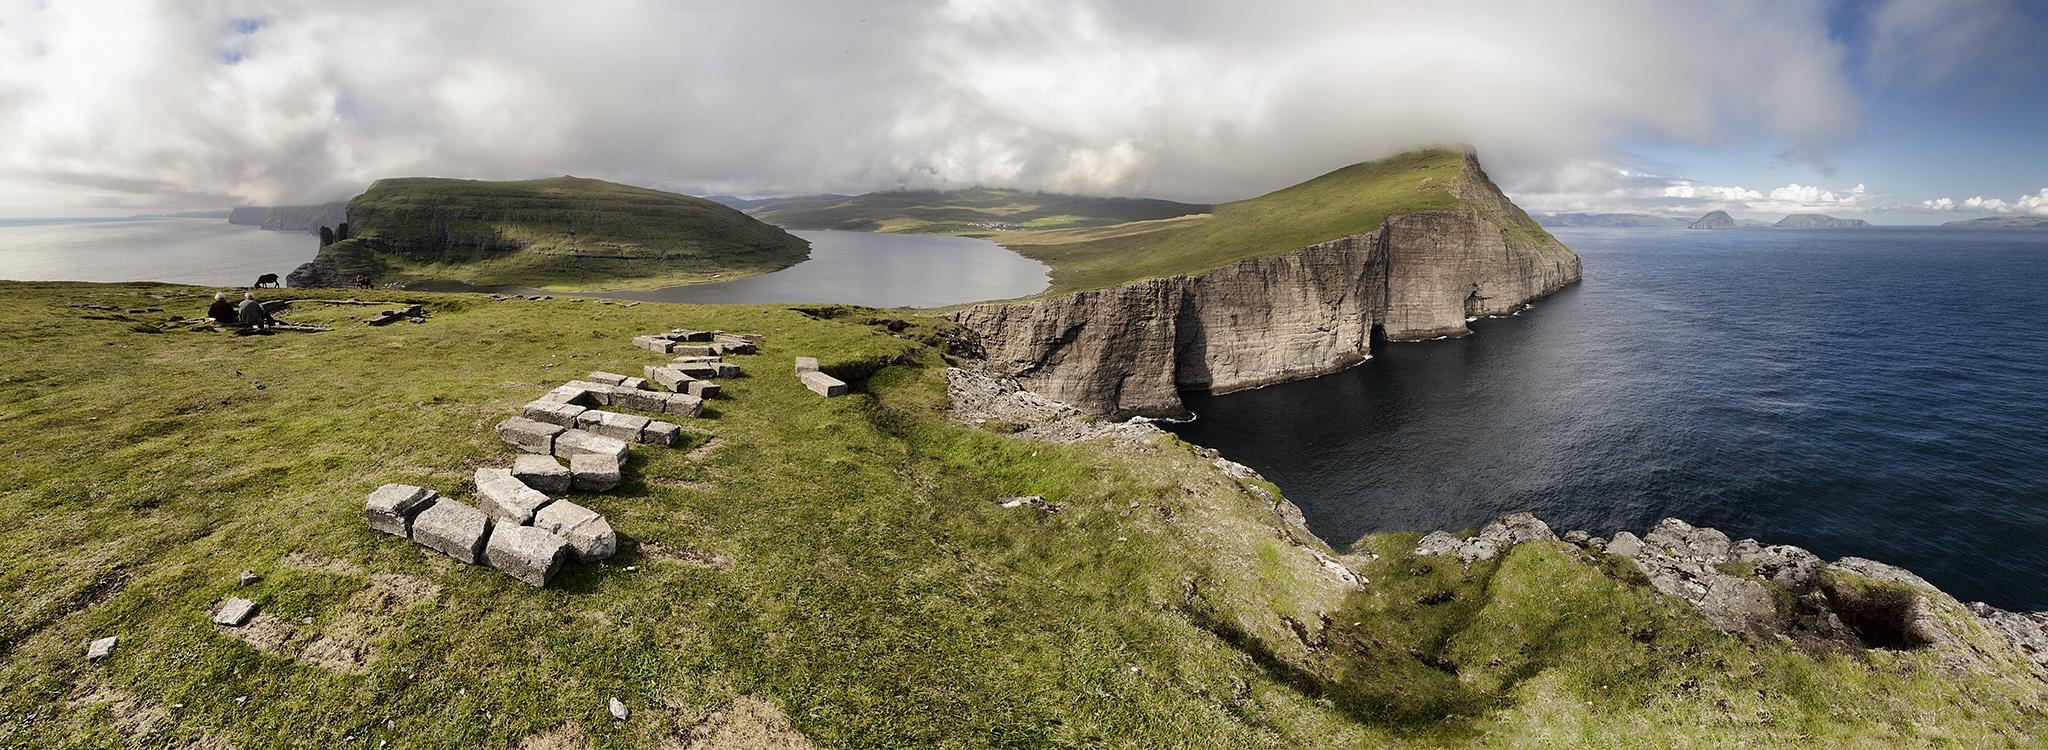 Picture taken from Trælanýpan by Faroe Islands Hiking